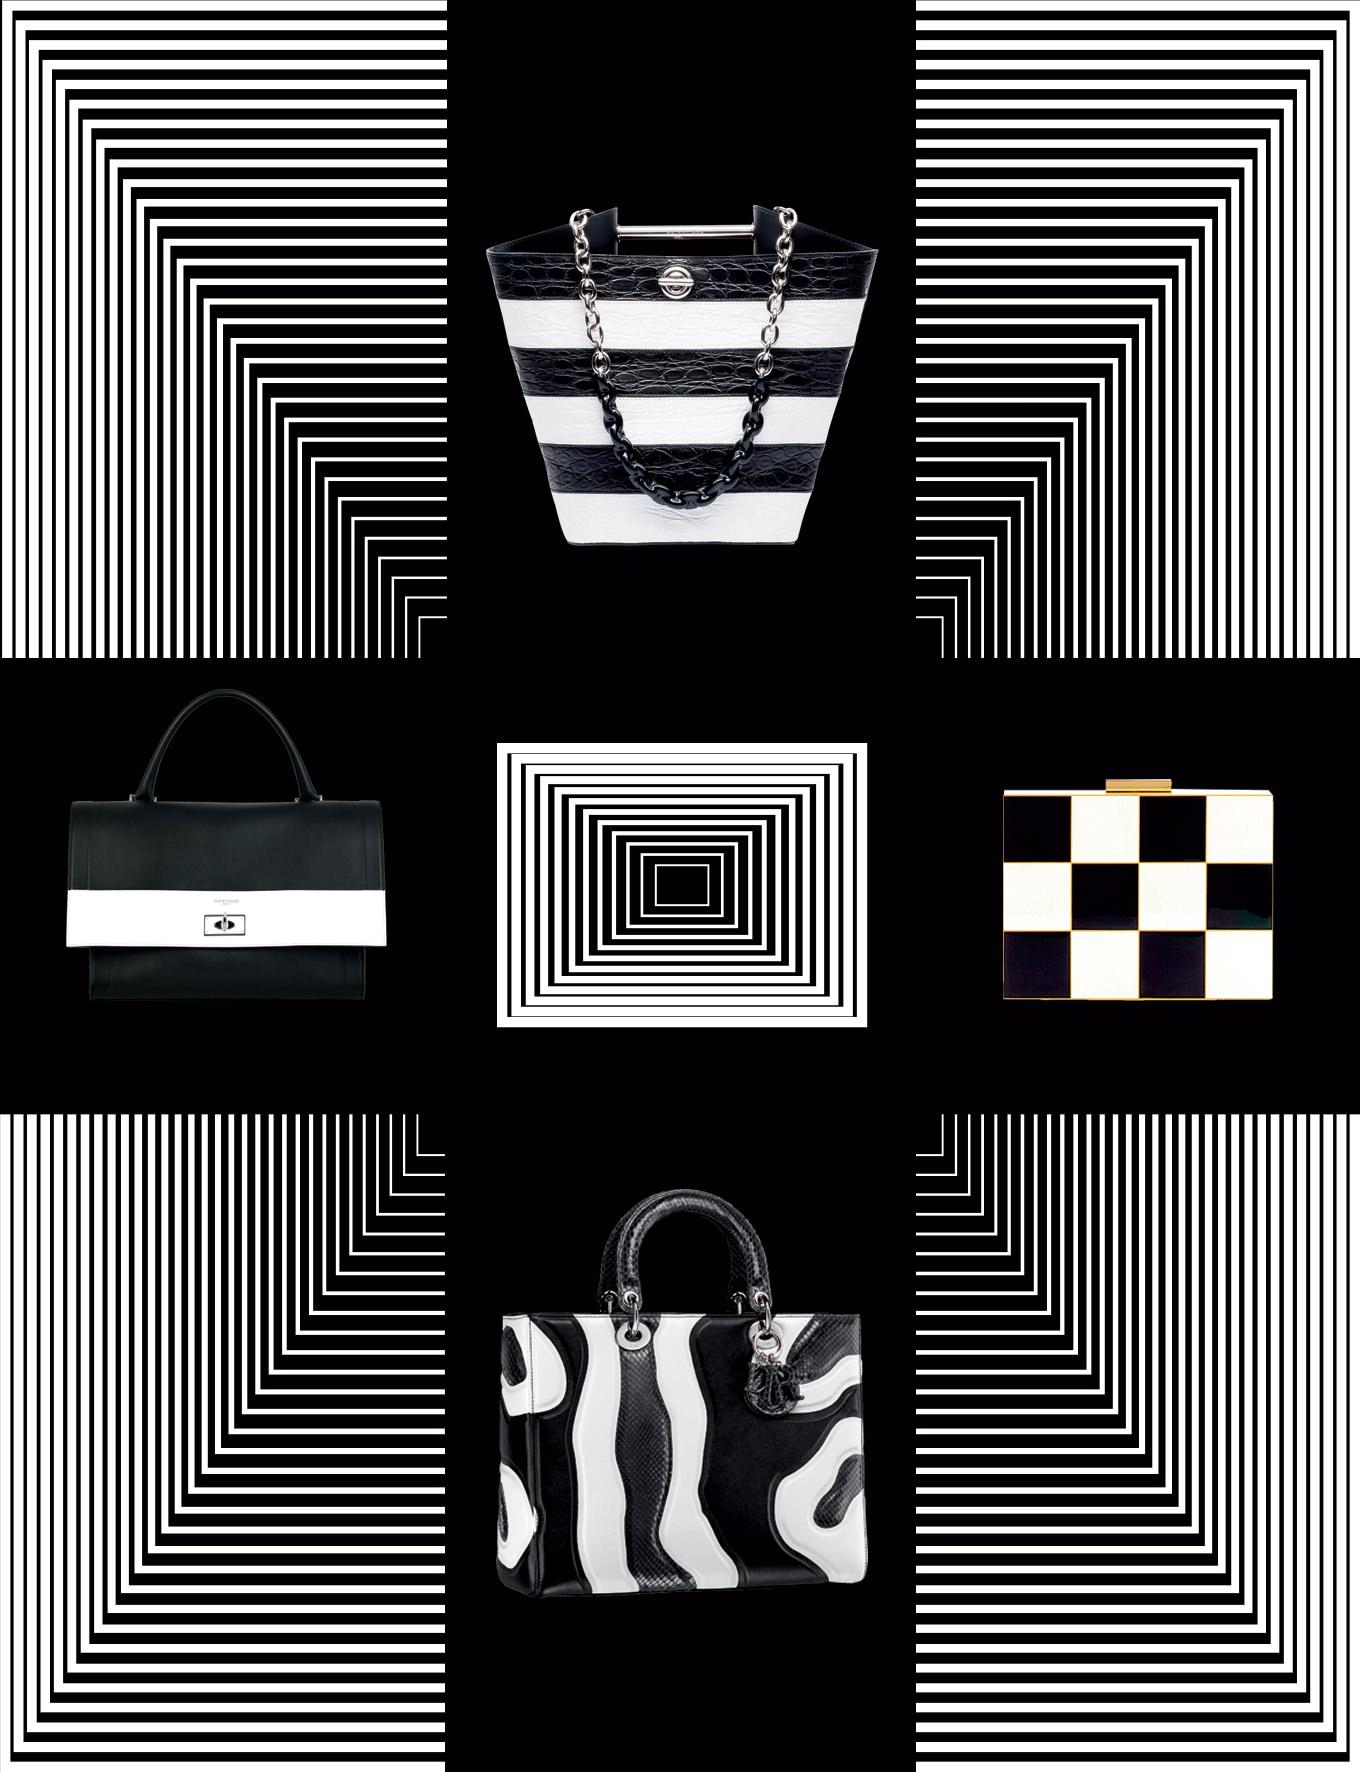 Hypnotiques, les sacs et pochettes attisent le désir